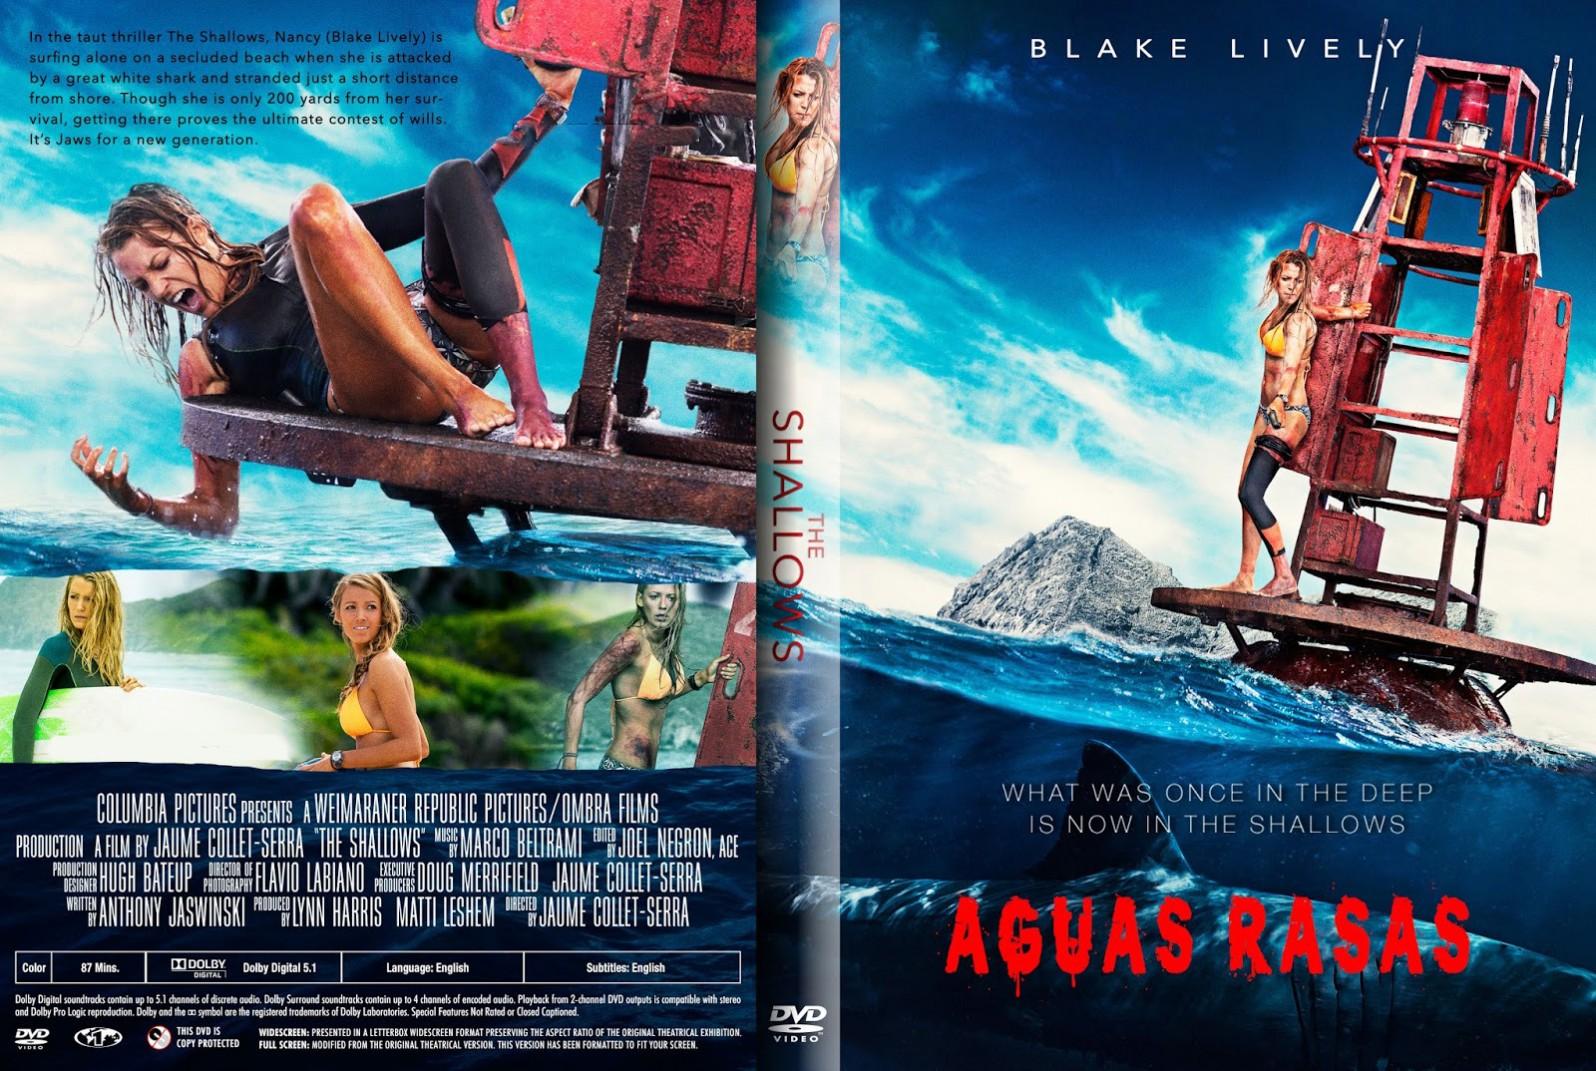 Download Águas Rasas DVD-R Download Águas Rasas DVD-R  25C3 2581guas 2BRasas 2B 2528CAPA 2B3 2529